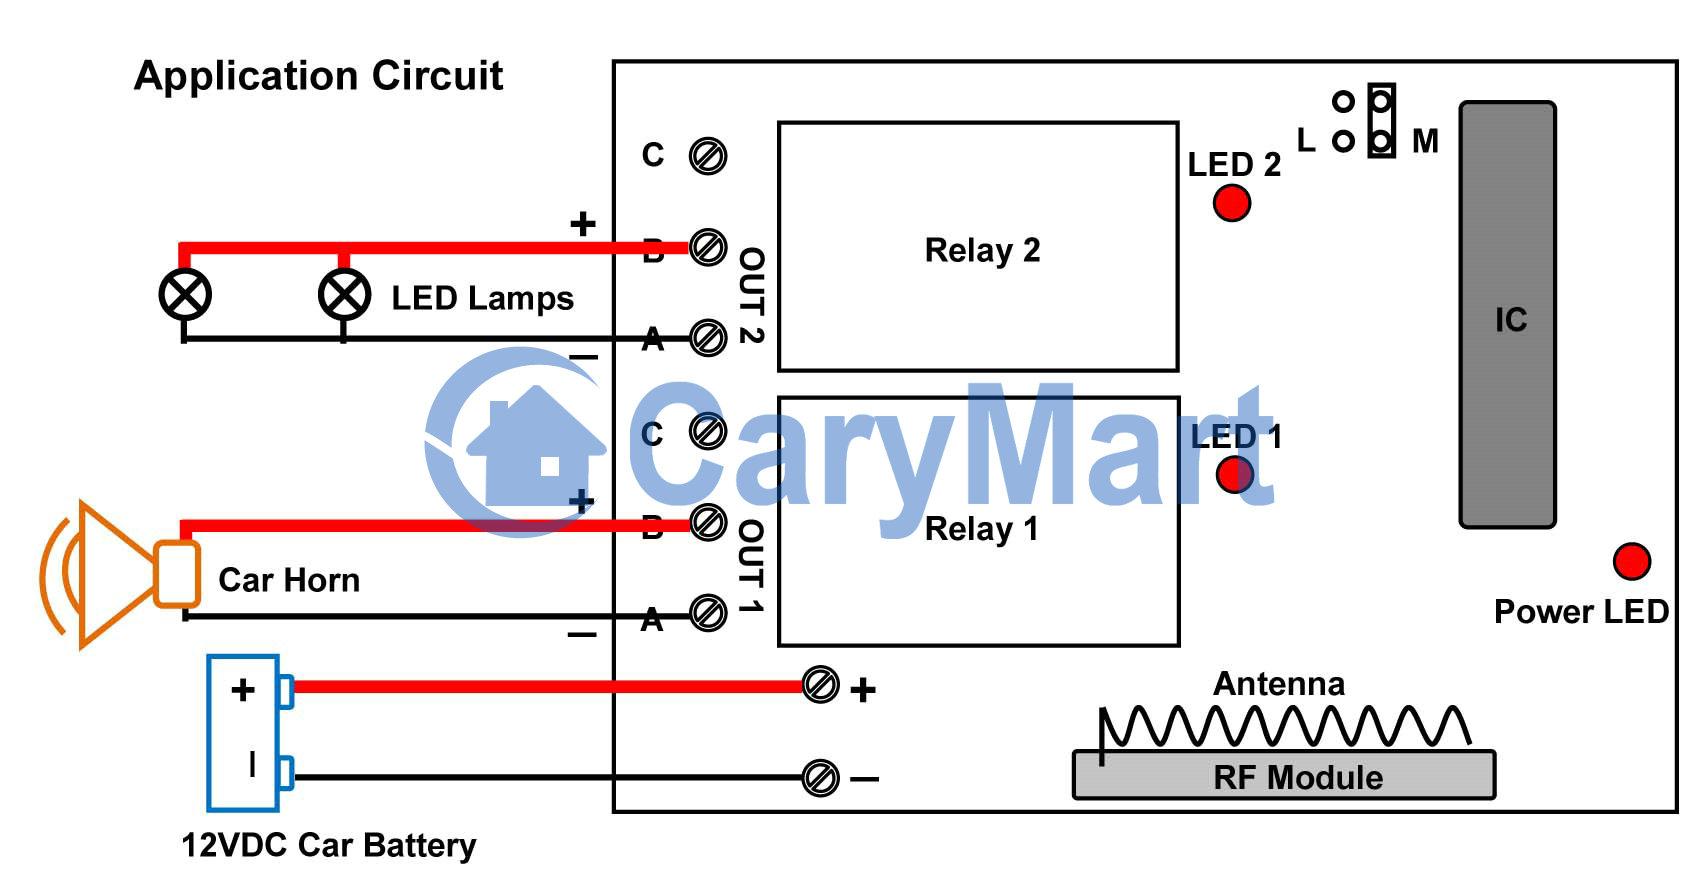 Wiring Diagram For Car Horn | Manual E-Books - Car Horn Wiring Diagram